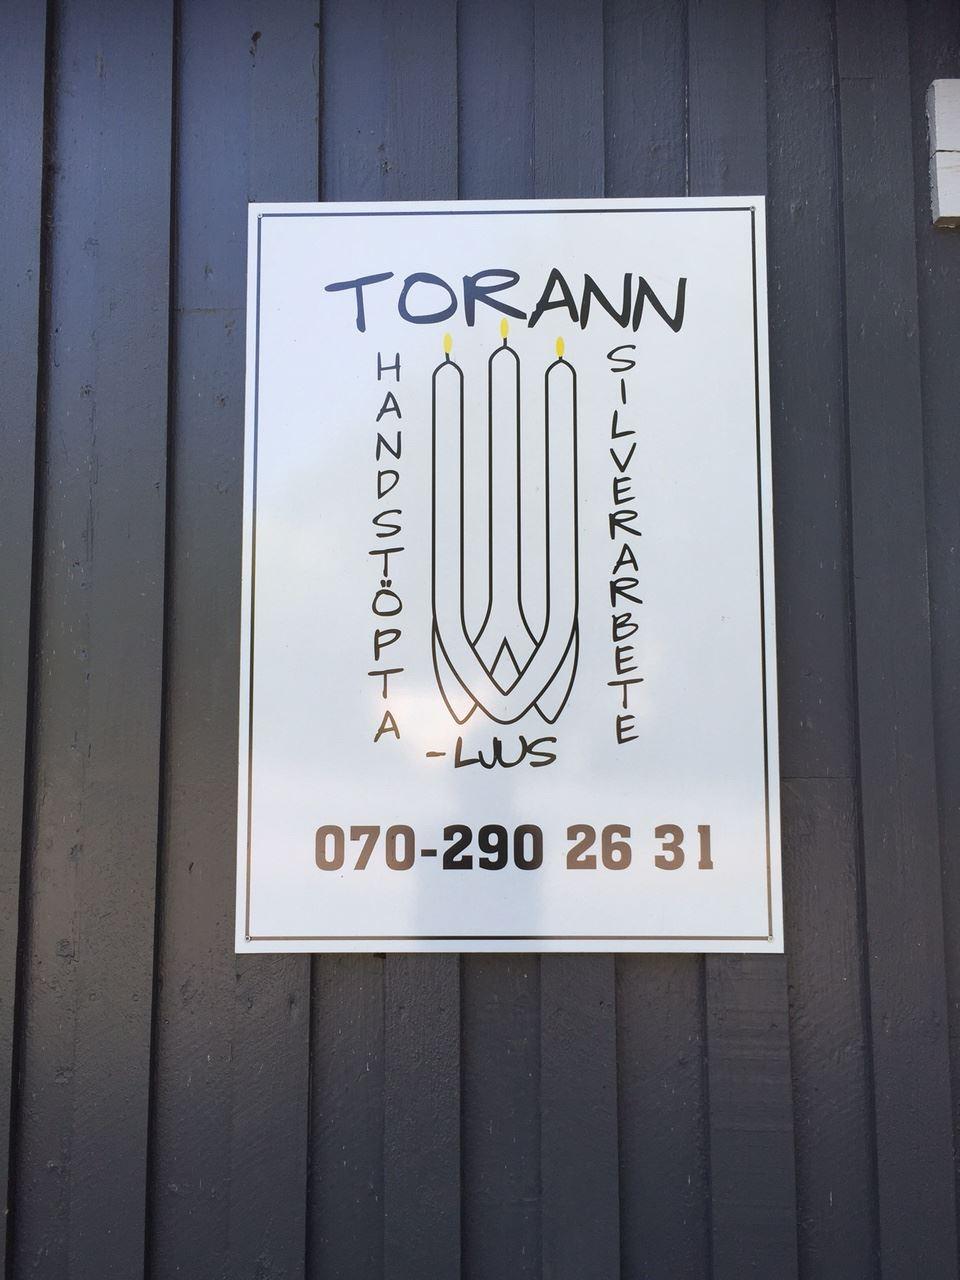 © Vetlanda turistcenter, Toranns ljusstöperi & Silver